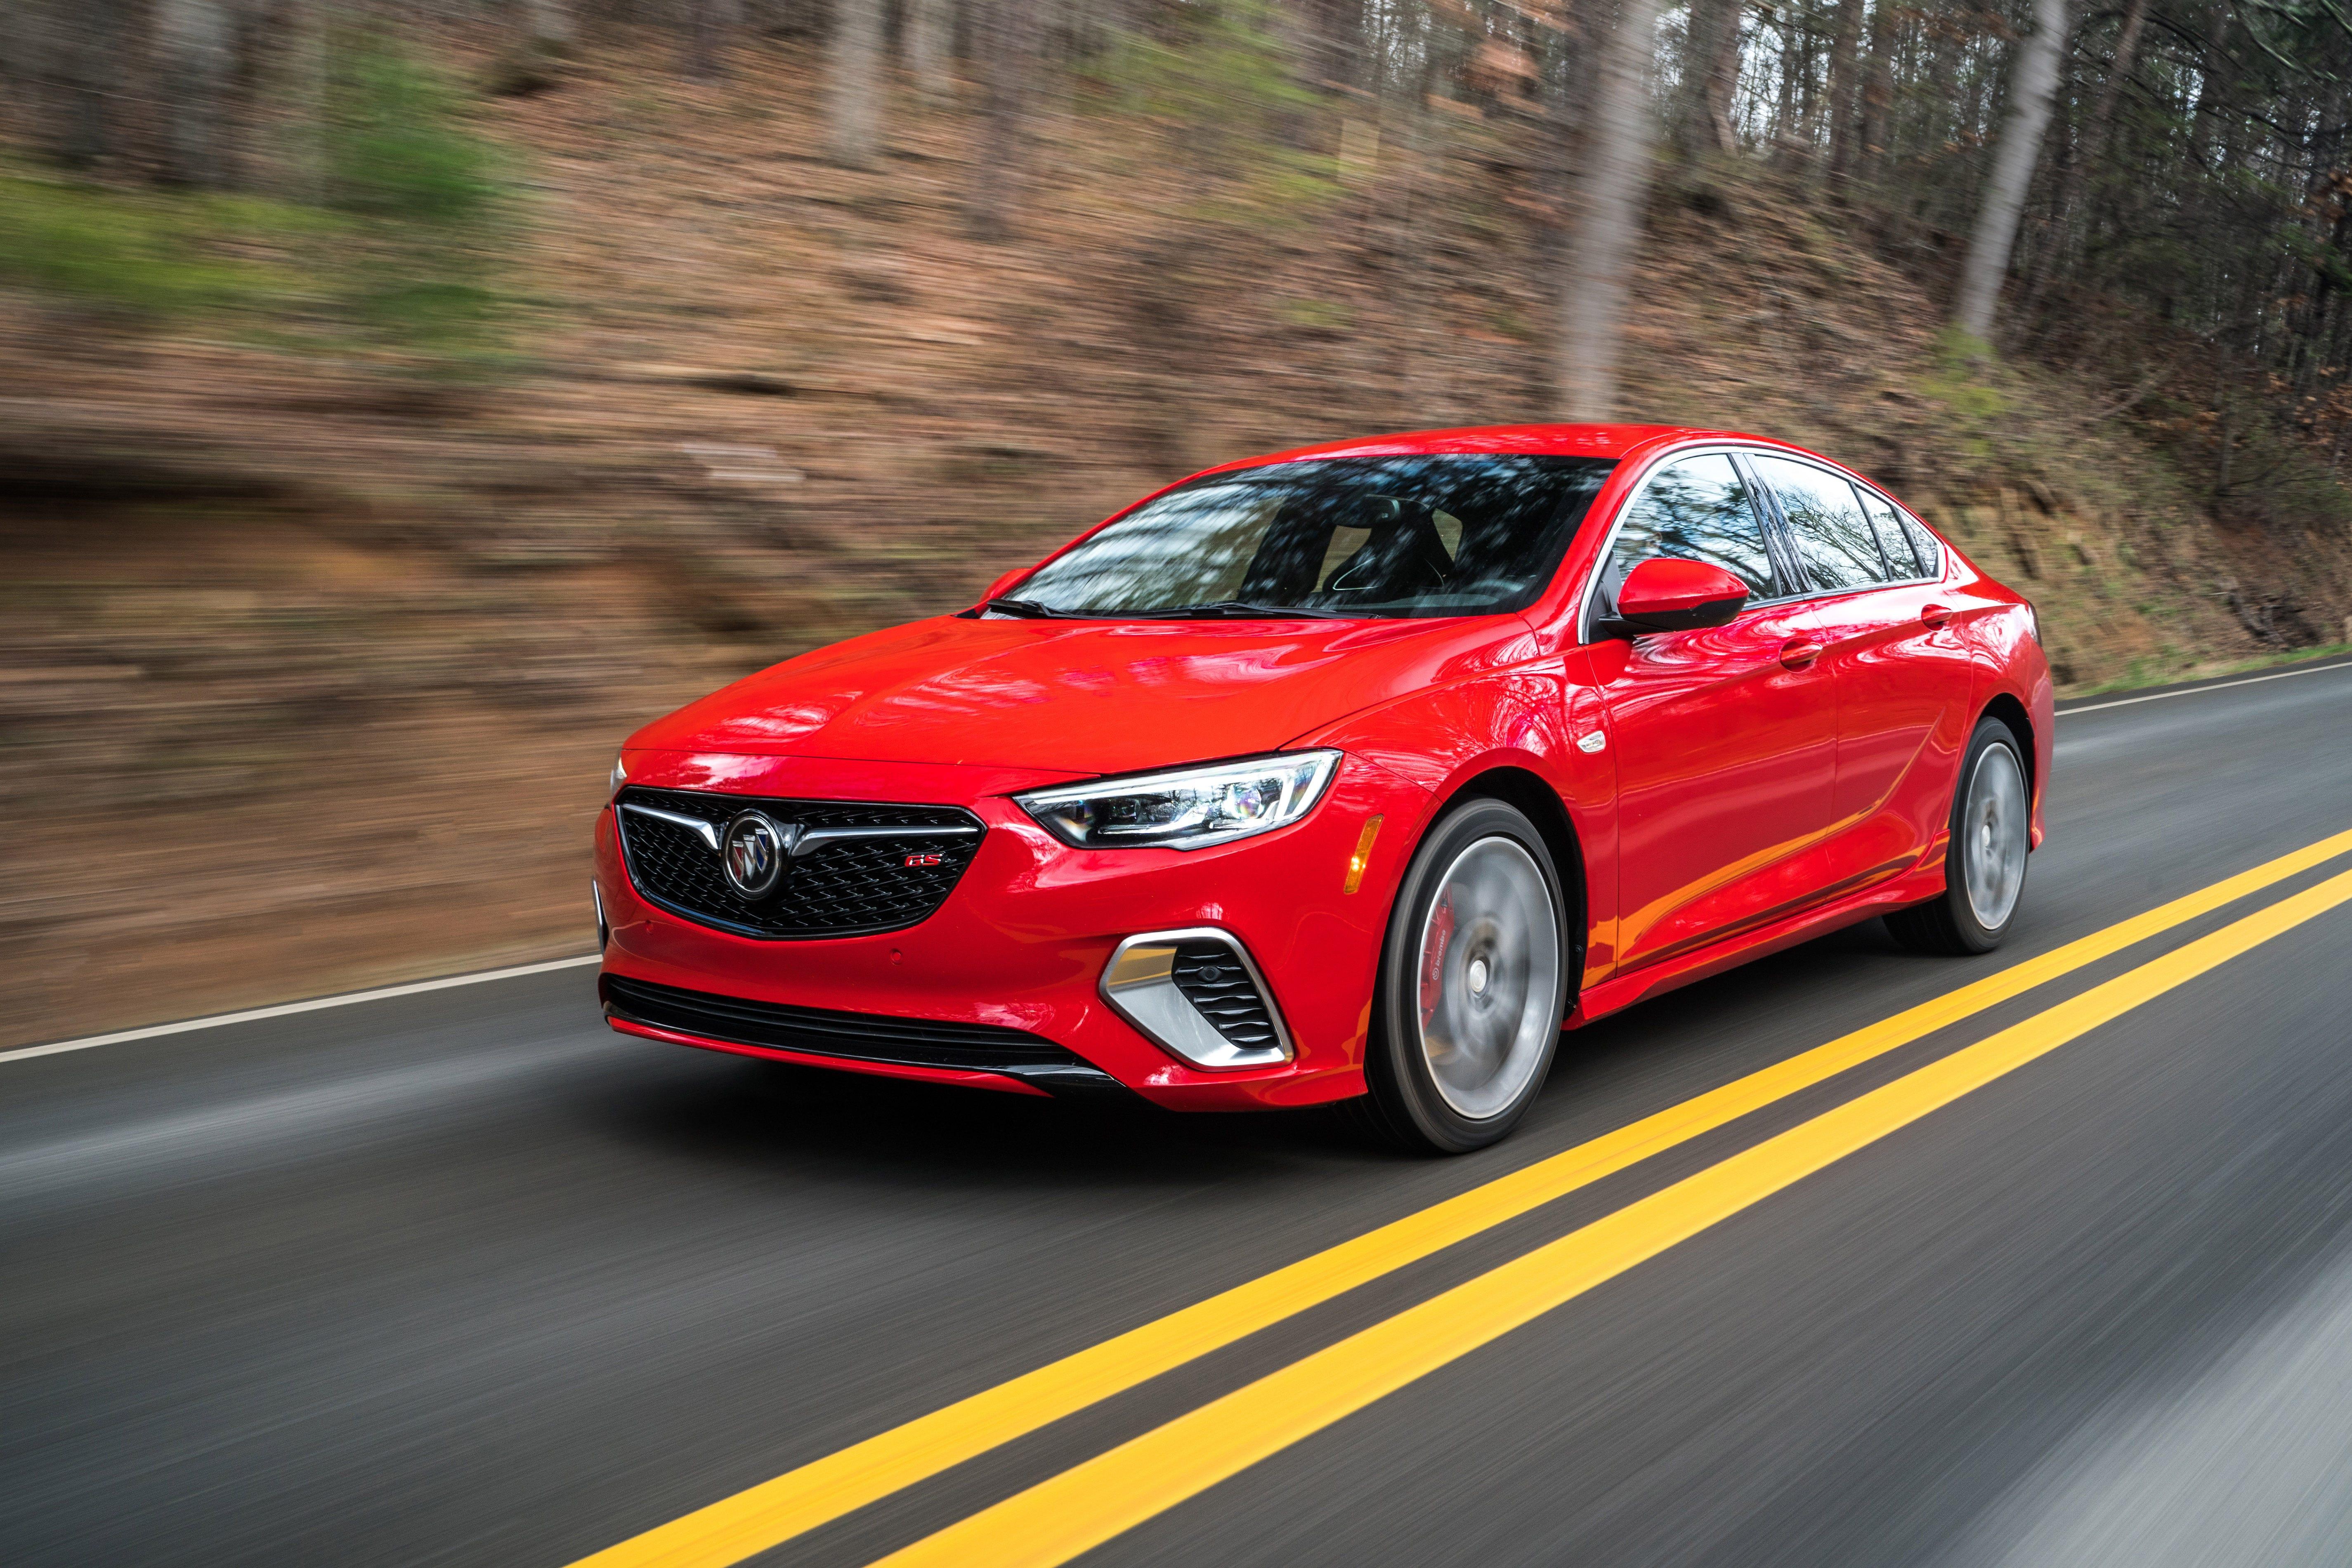 General Motors kills the Buick Regal: GM continues to cut passenger cars